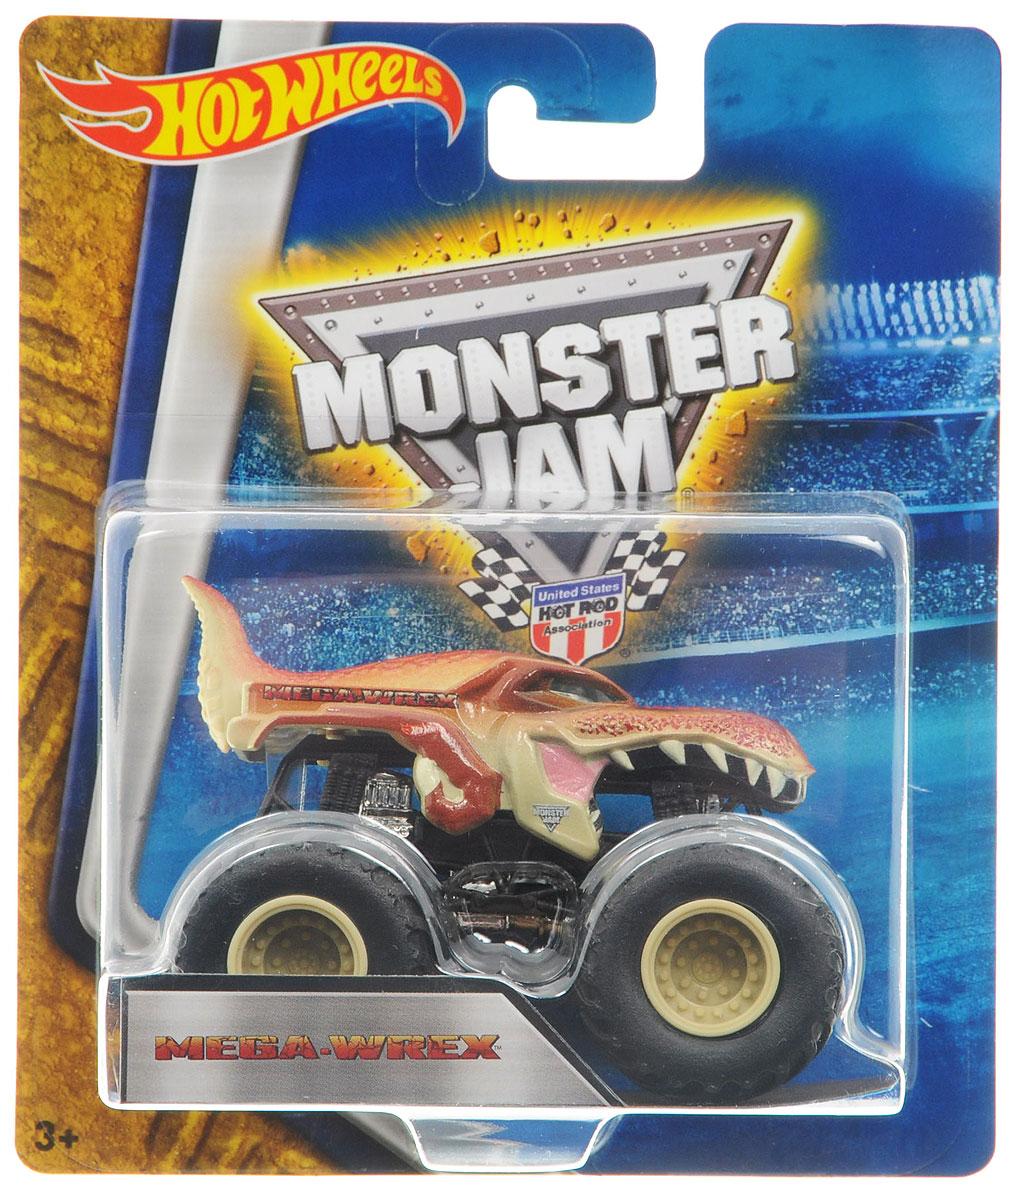 Hot Wheels Monster Jam Машинка Mega-WrexBHP37_DRR64Машинка Hot Wheels Monster Jam. Mega-Wrex - это знаменитая модель легендарного автомобиля с большими колесами в масштабе 1:64. Литой корпус, сверкающая кабина, внушительный вид. Внедорожник с неповторимым тюнингом оценят как дети, так и взрослые! Детали игрушки выполнены из высококачественных материалов и абсолютно безопасны для детей. Порадуйте своего малыша таким замечательным подарком!